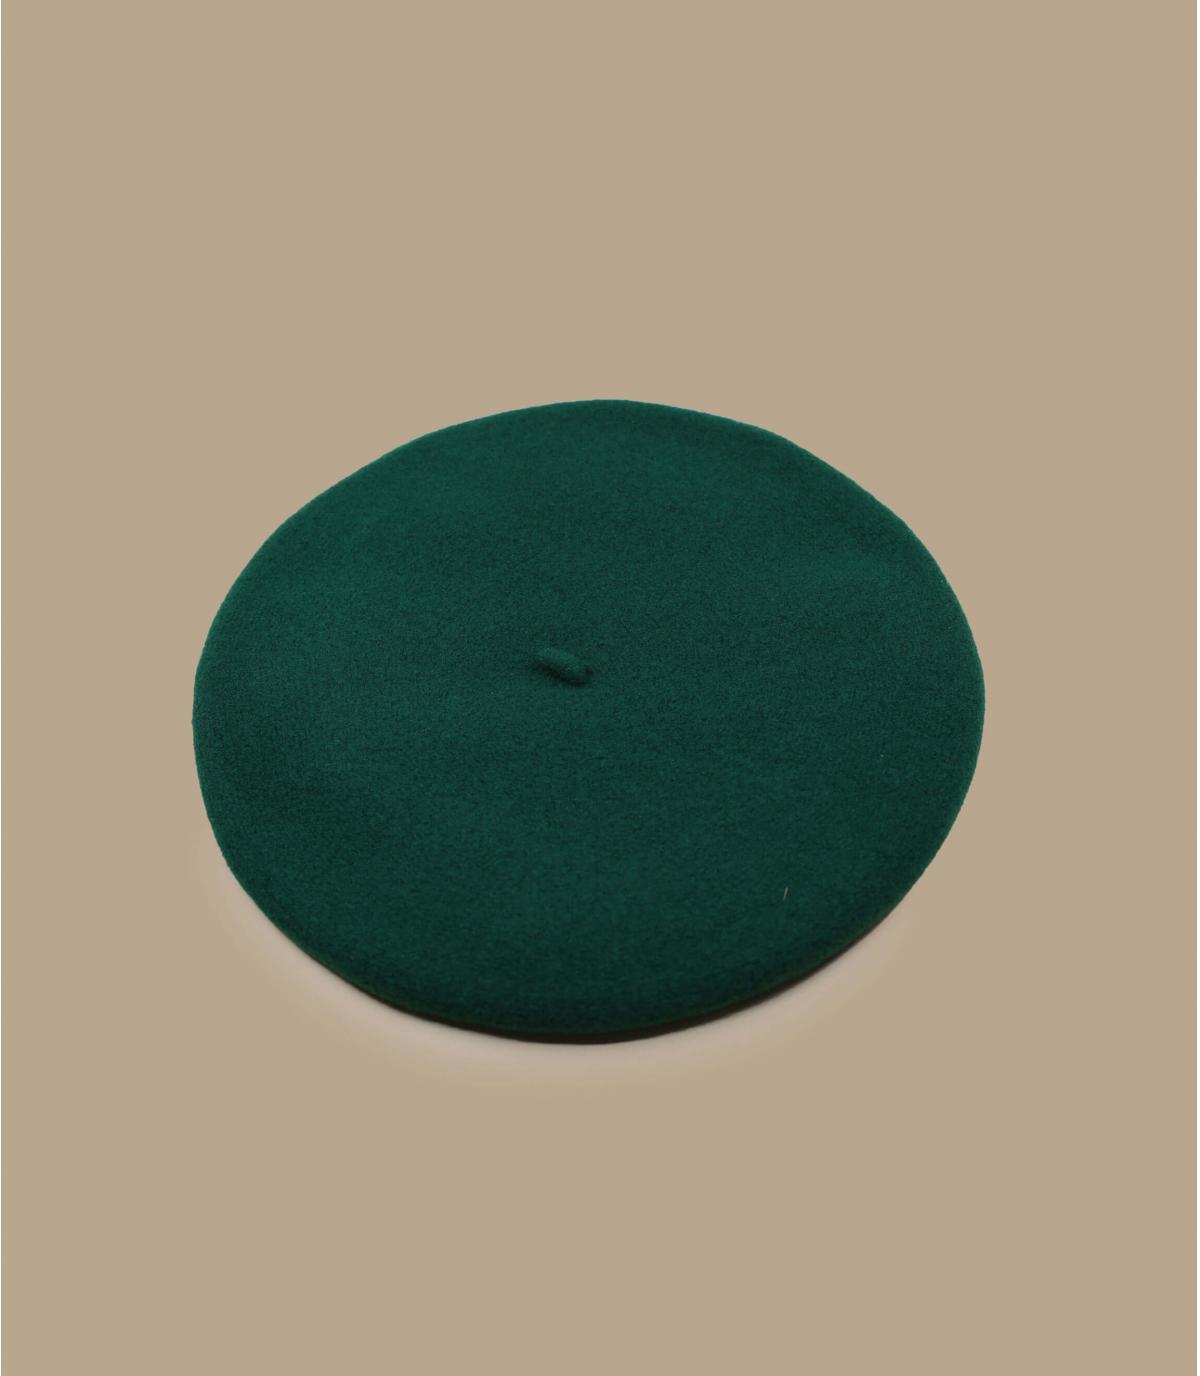 Baskenmütze Laulhère grün Merino